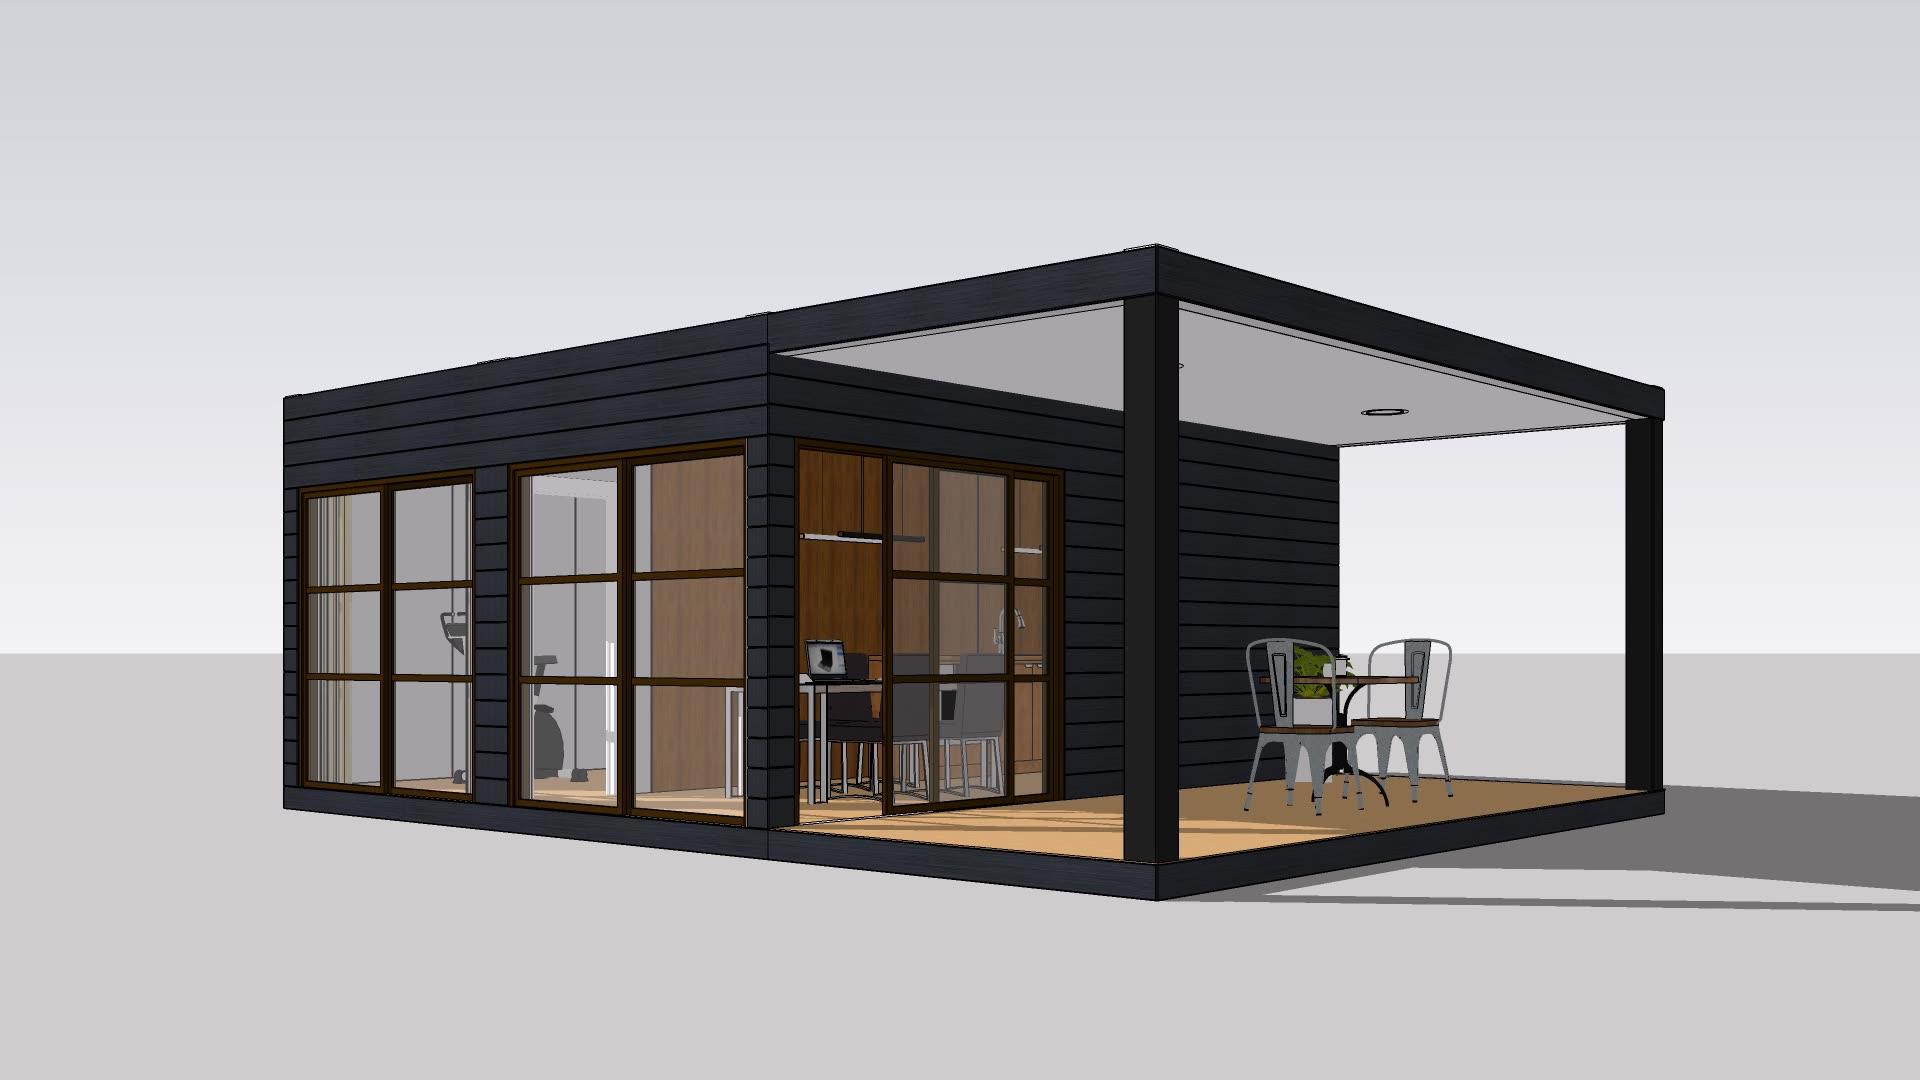 UPS-proyectos de construcción de alta tecnología eco fertighaus, casa prefabricada contemporánea, contenedor para el hogar